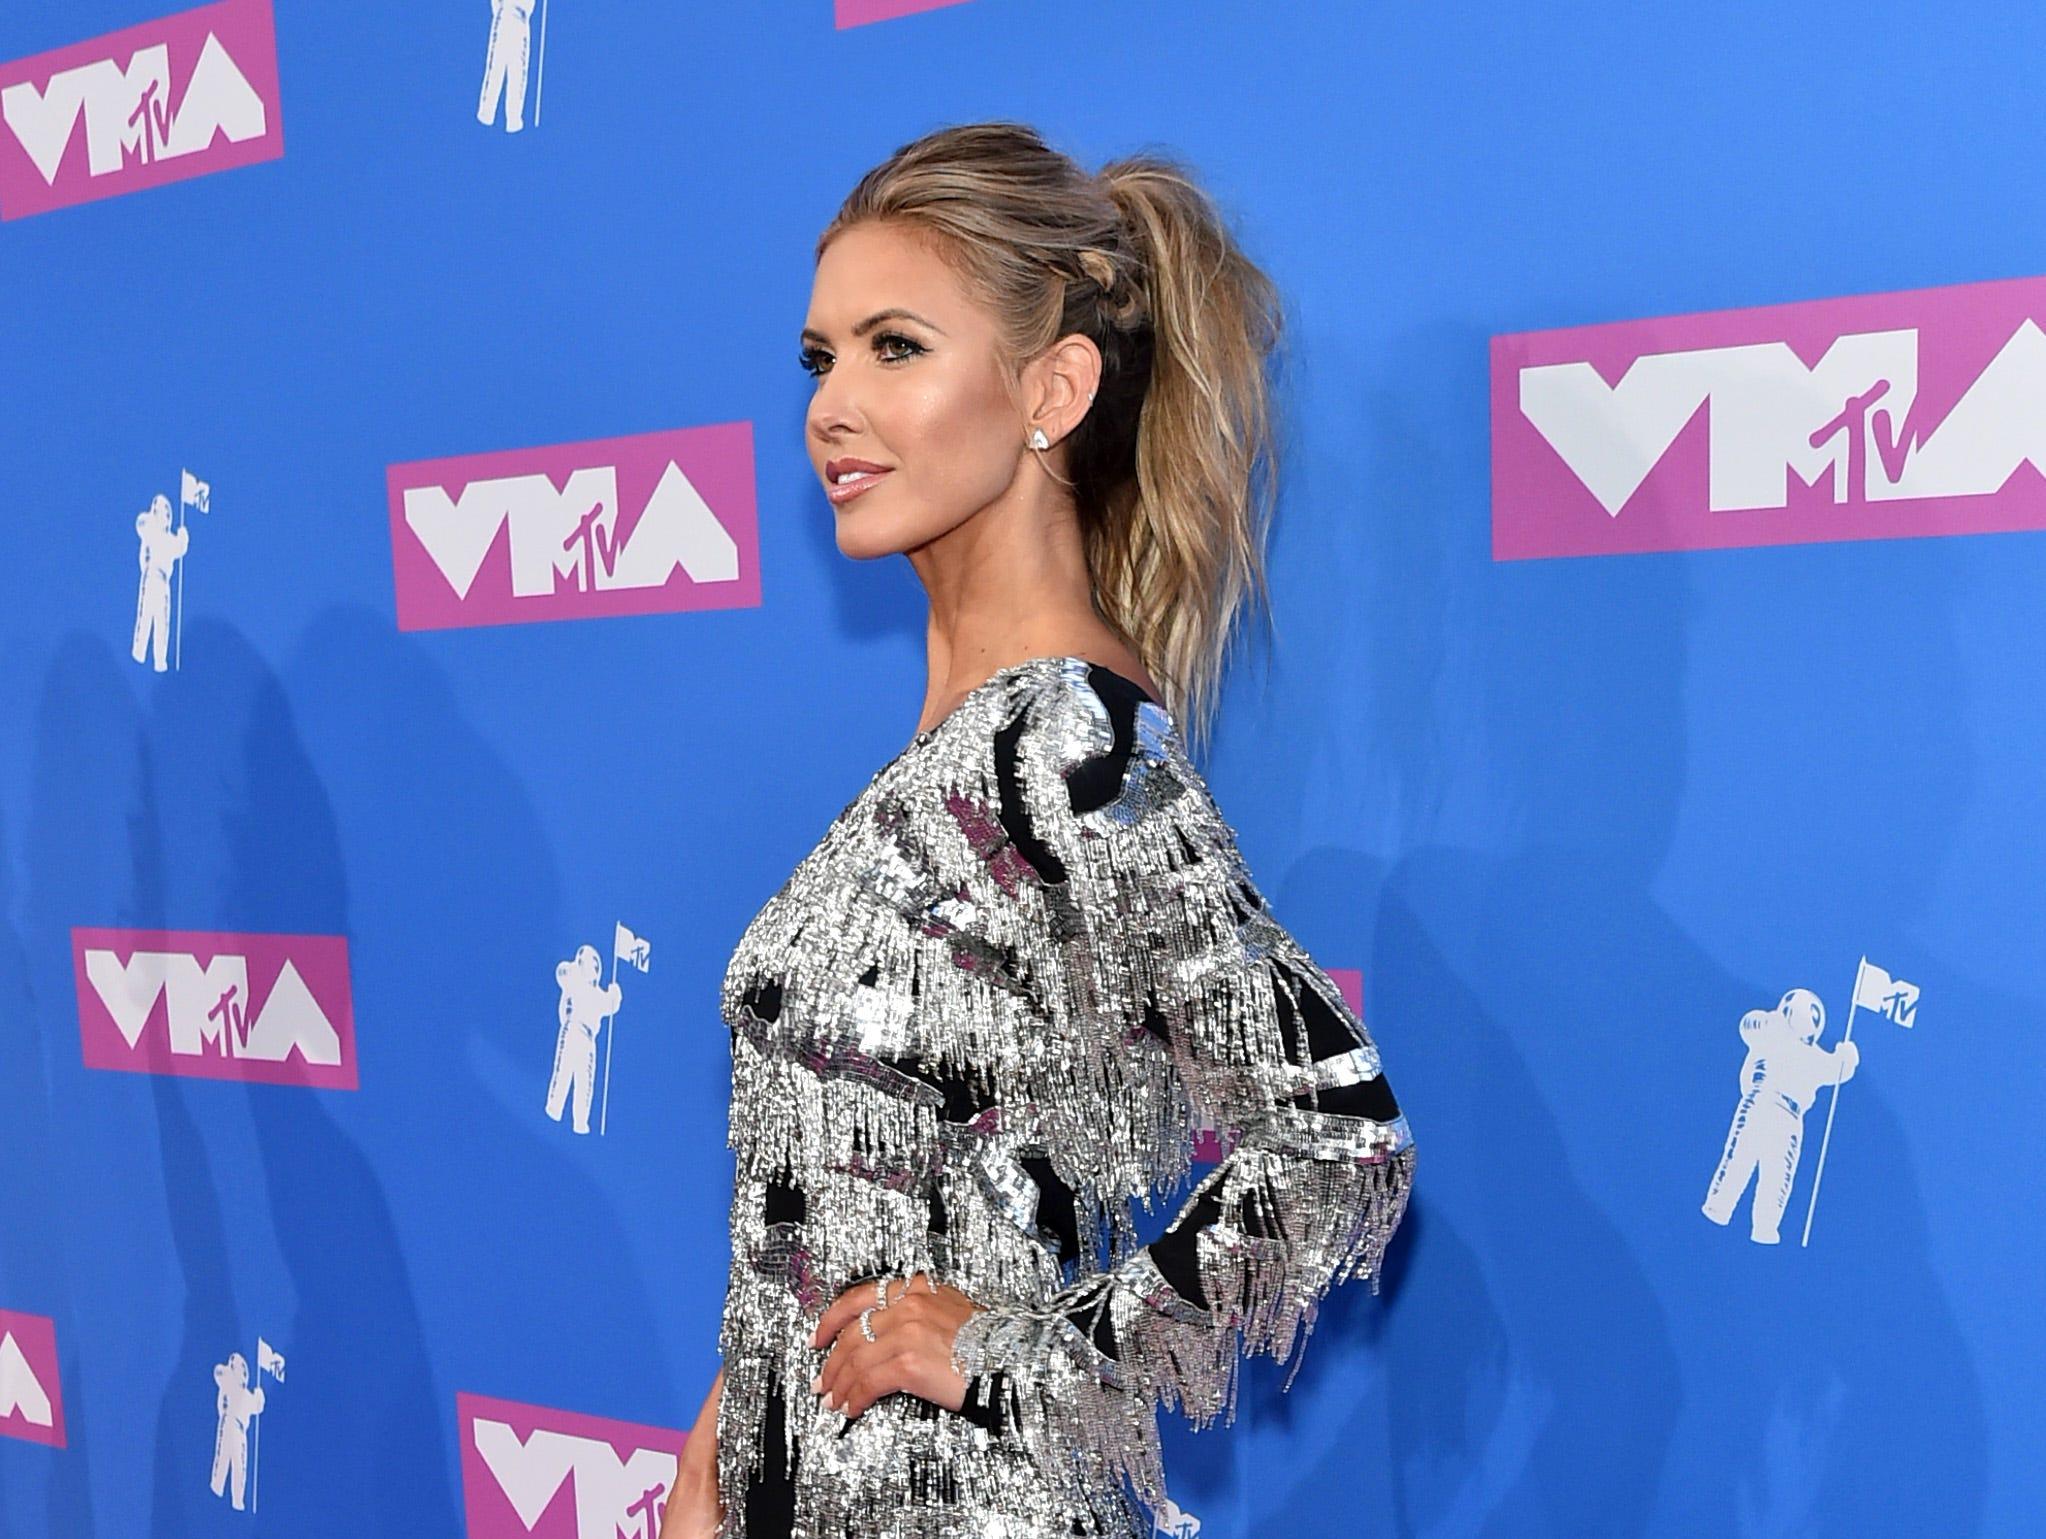 Audrina Patridge asiste a los MTV Video Music Awards 2018 en el Radio City Music Hall el 20 de agosto de 2018 en la ciudad de Nueva York.